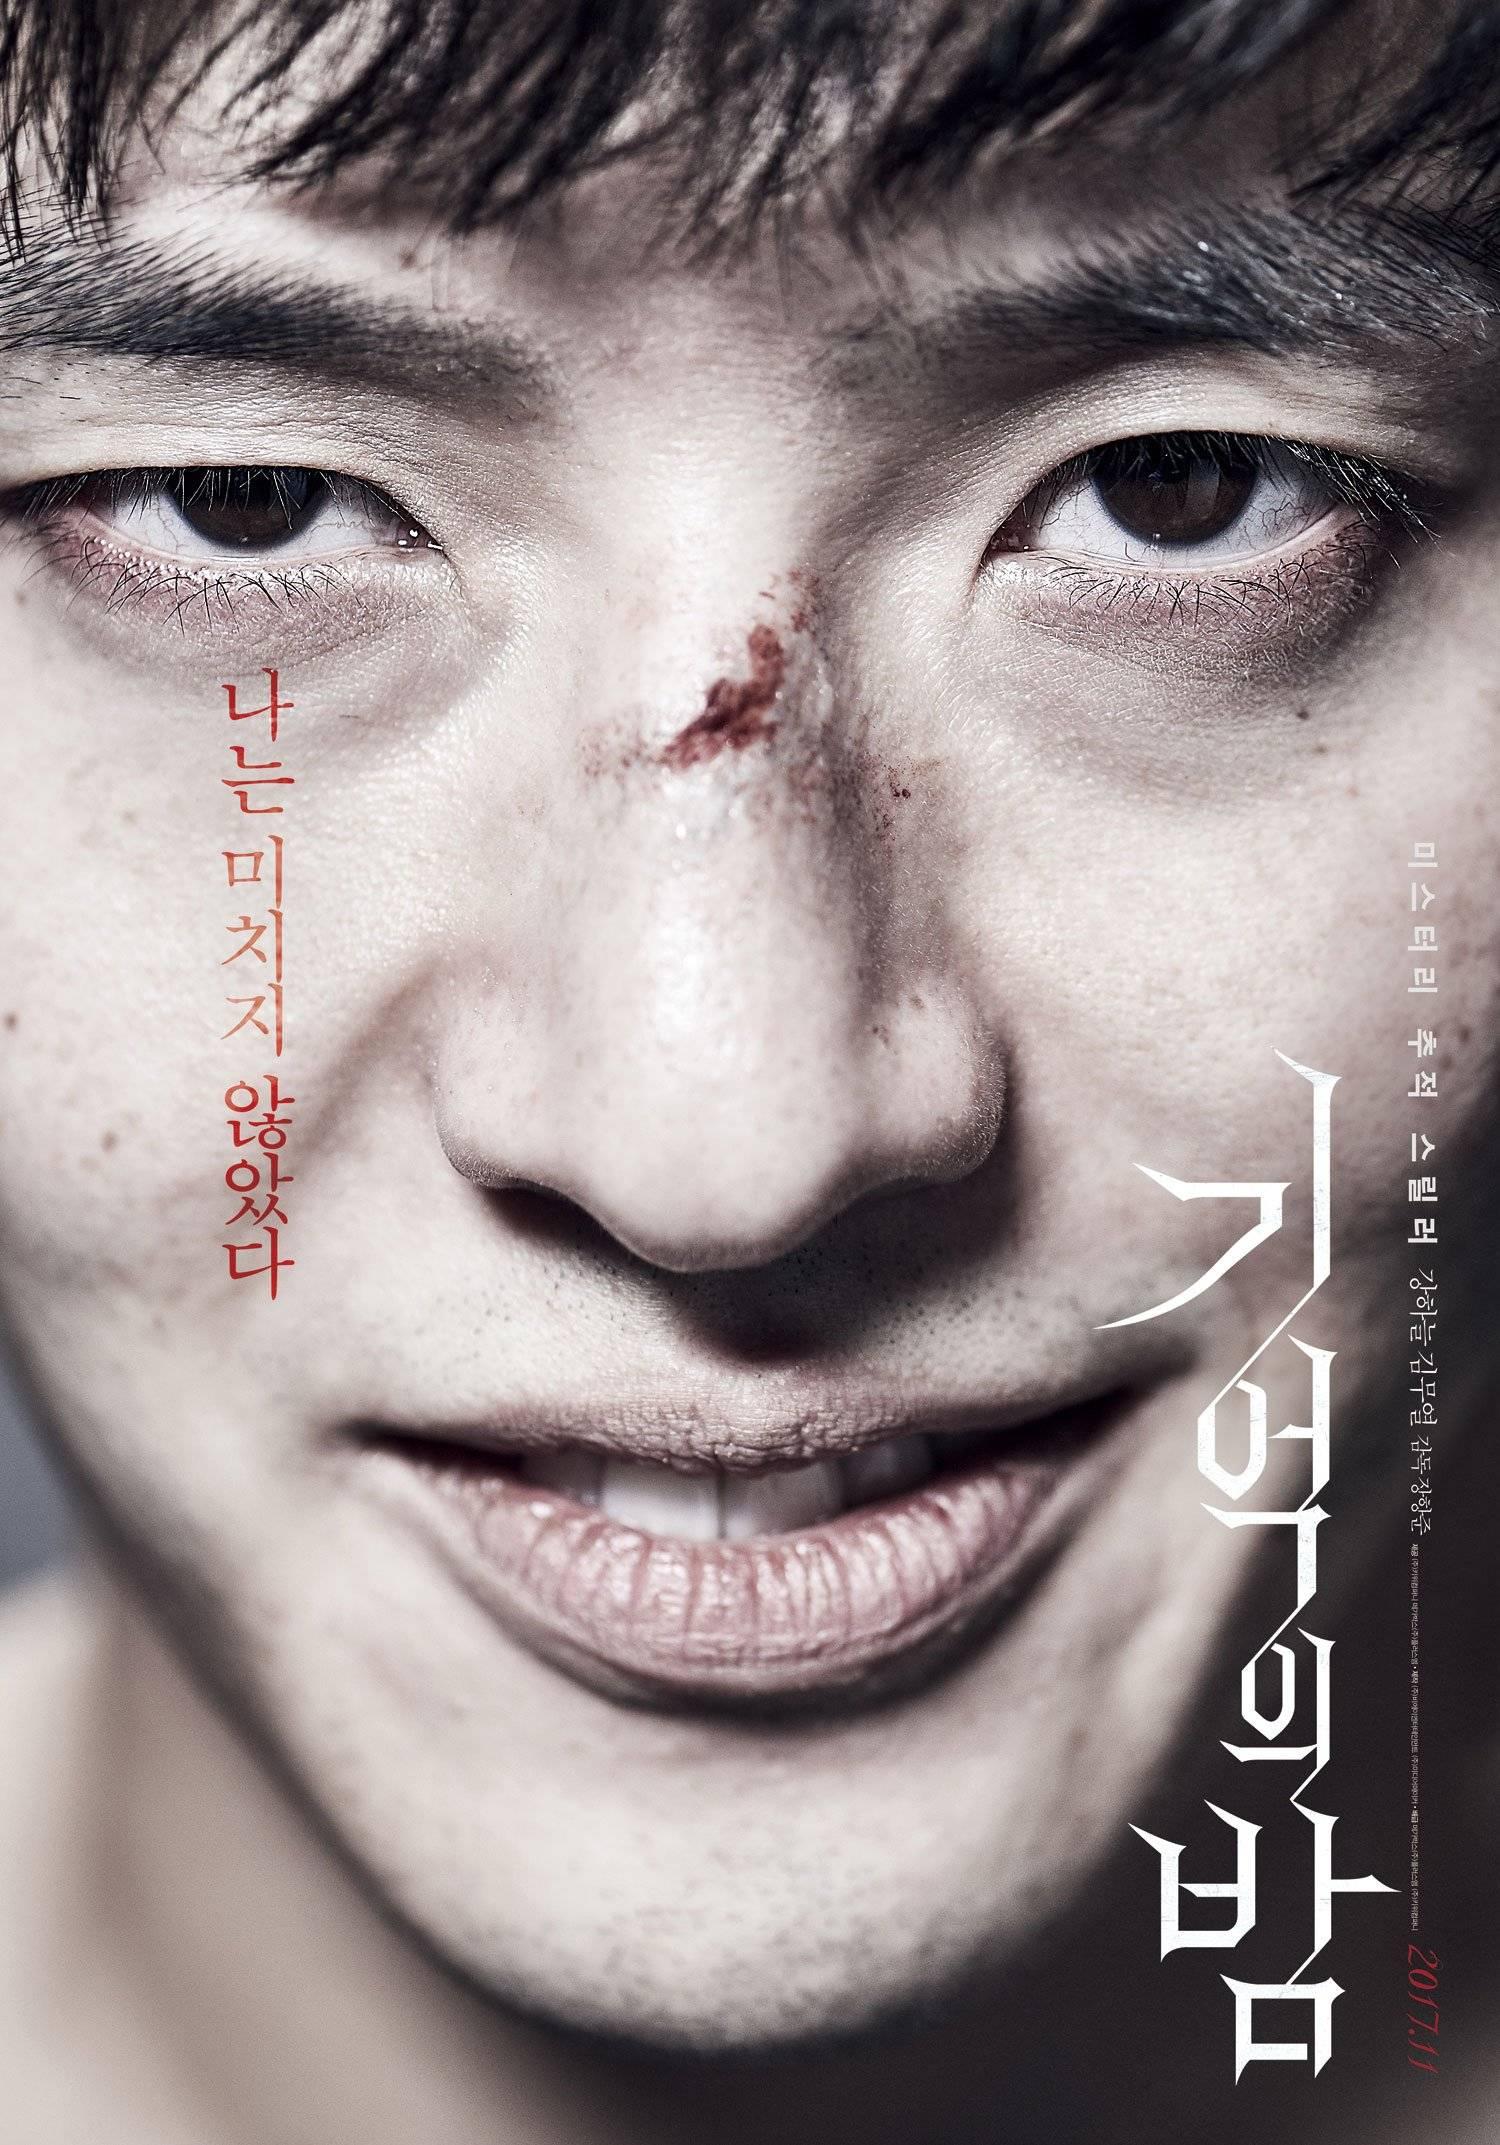 forgotten 2017 korean movie free download